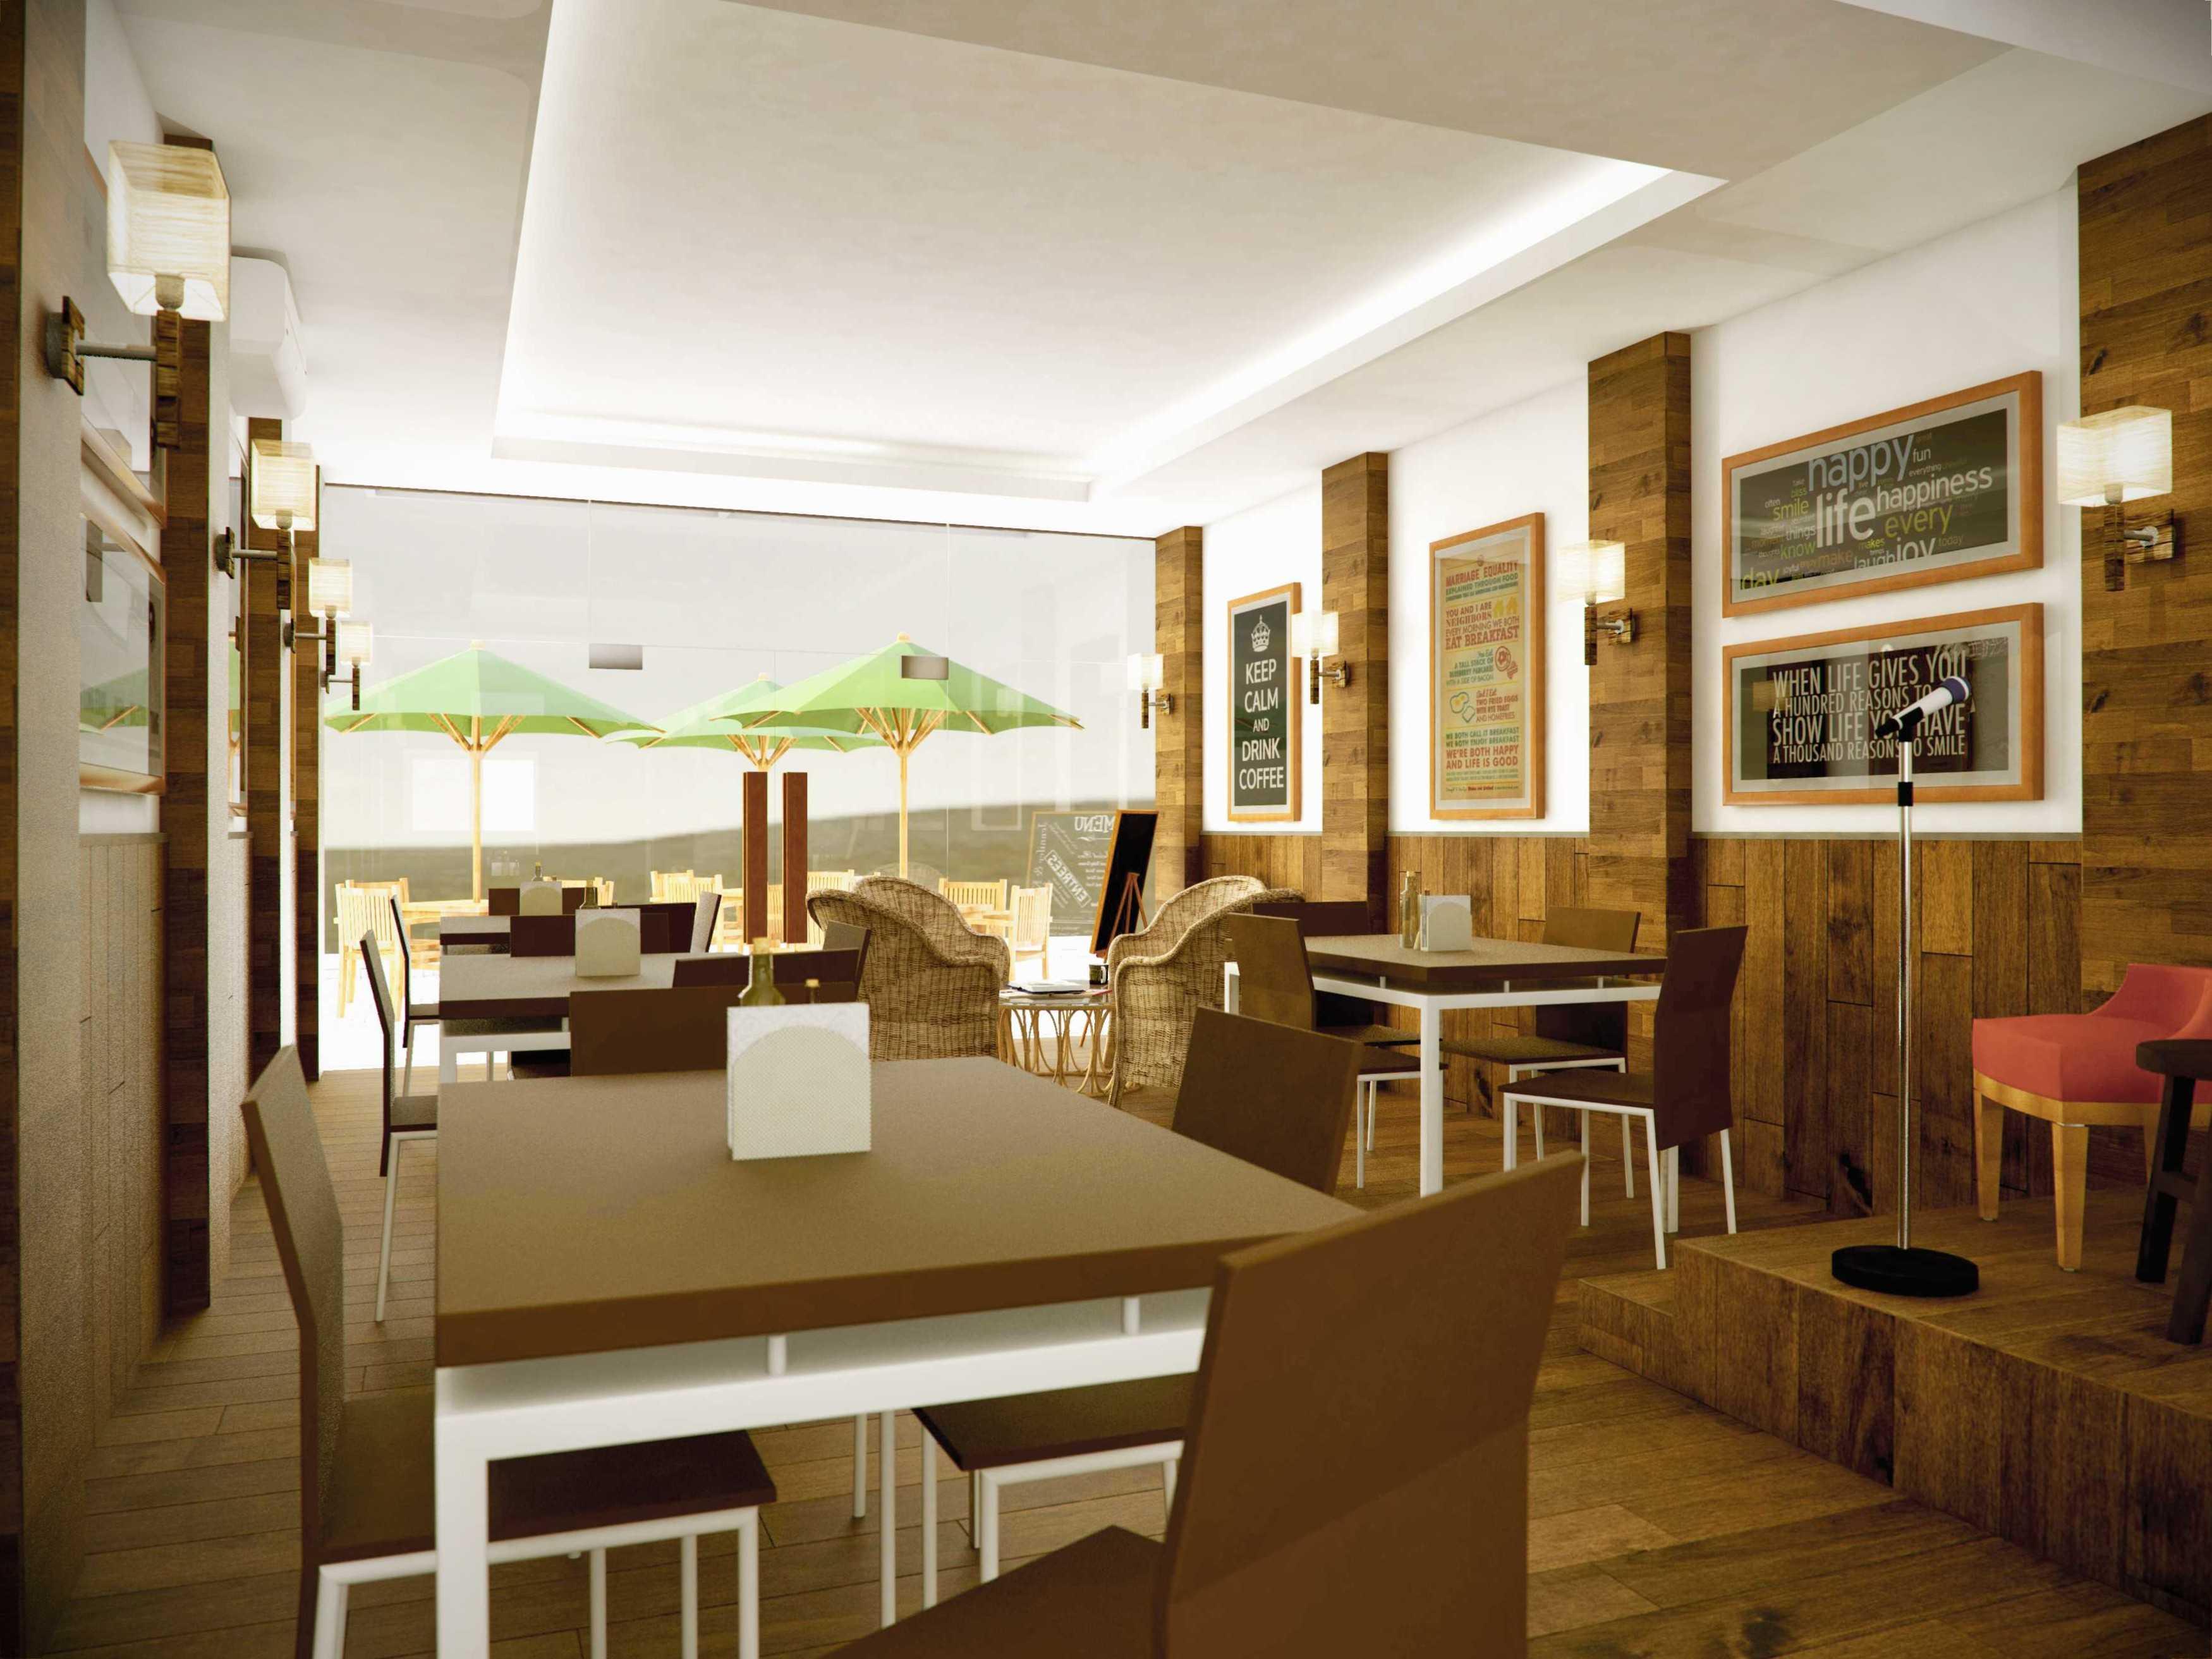 Dimas Andrea Wu's Bistro Cengkareng Cengkareng Dining Area Minimalis,modern  23662